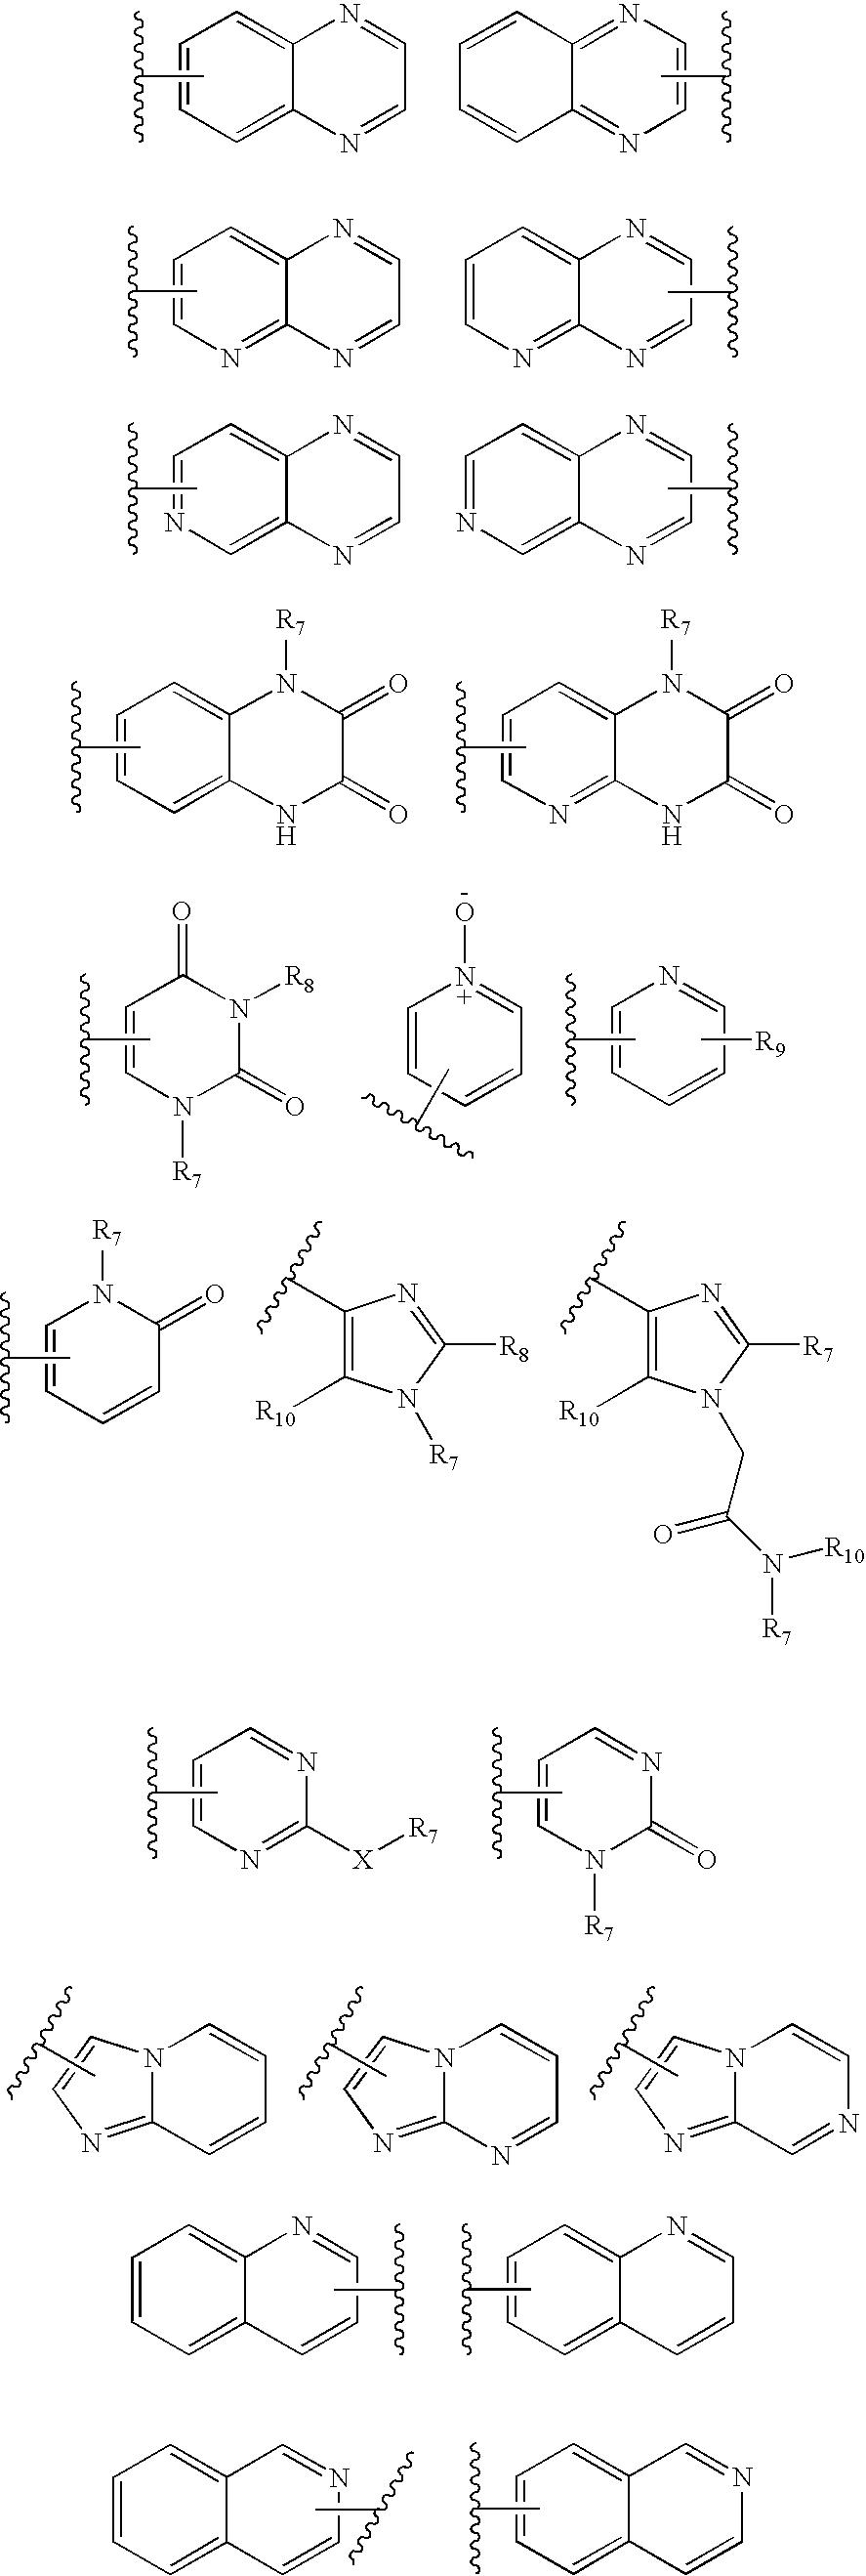 Figure US07531542-20090512-C00085